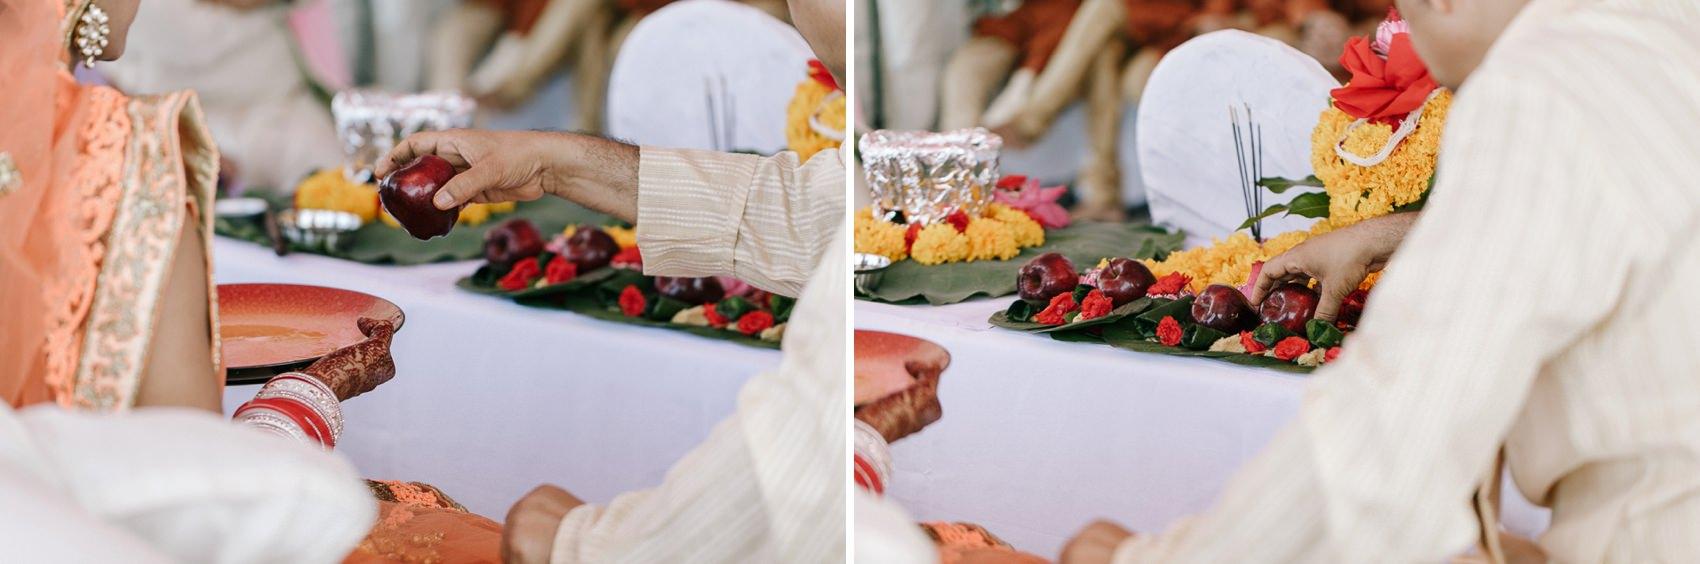 Indian-Wedding-Photography-Maala-Rohan_0219